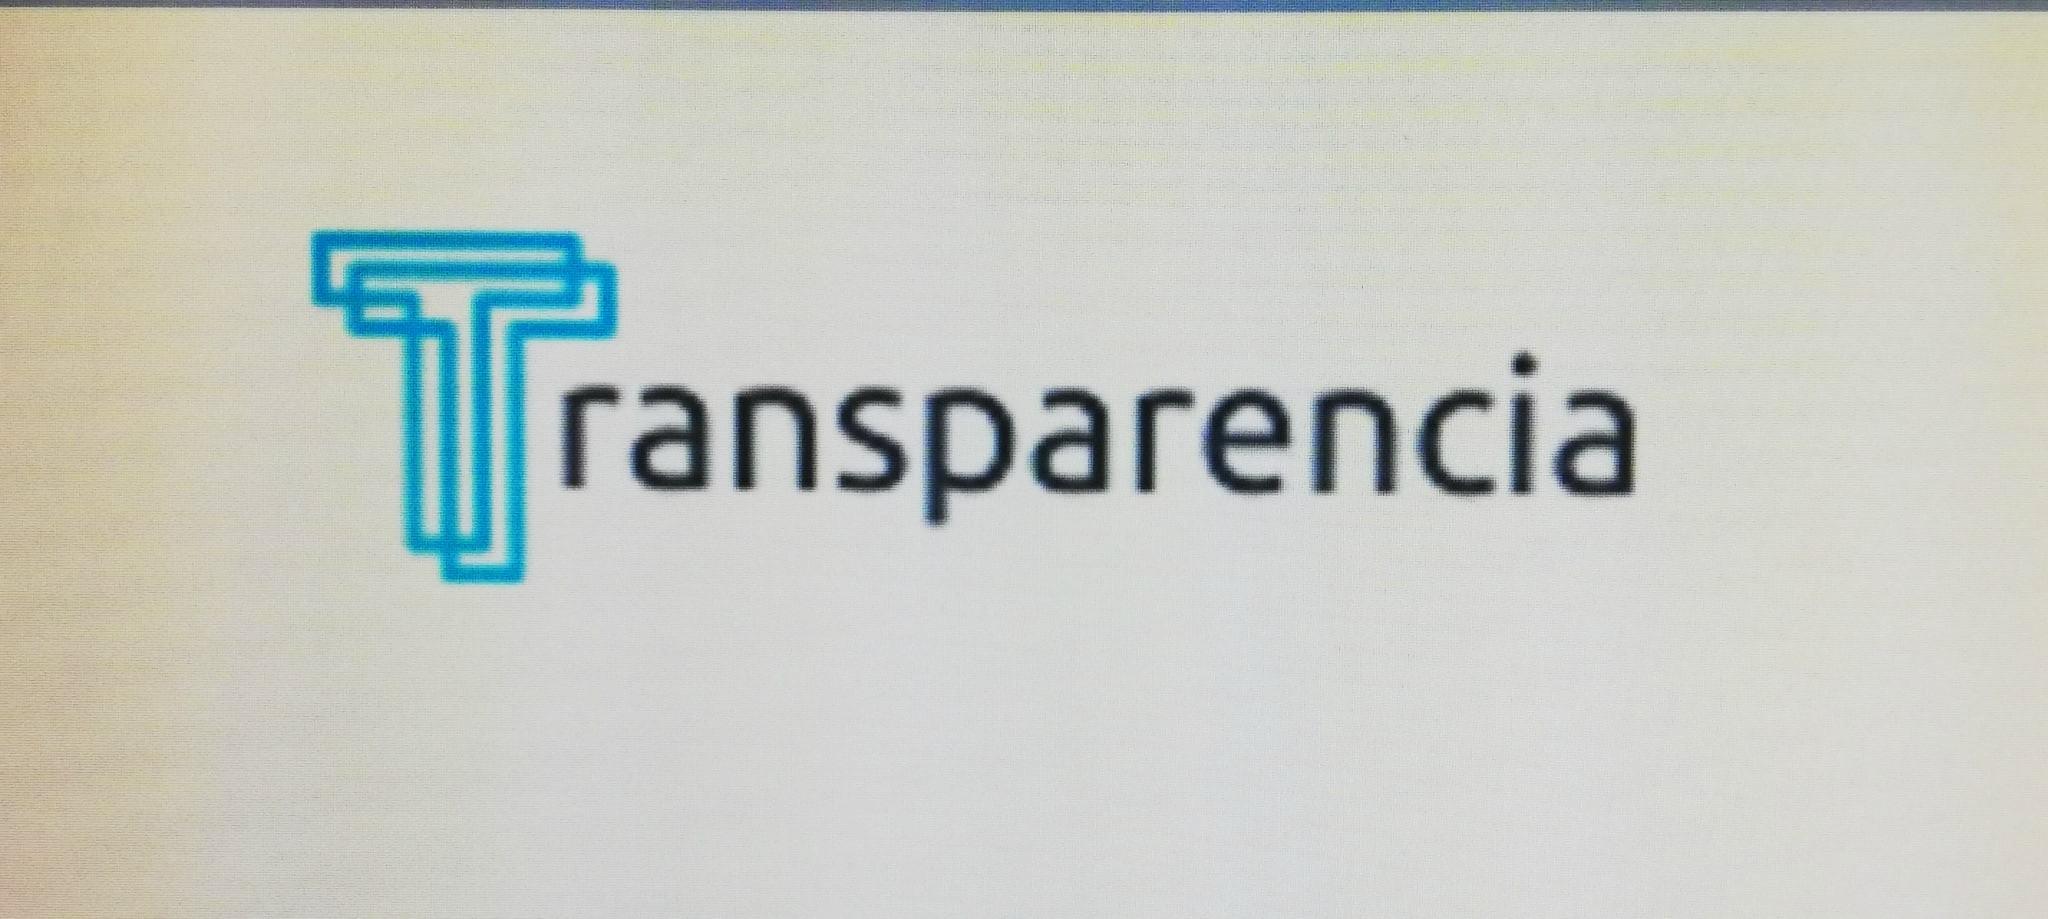 La Administración Púbica de Canarias obtiene un sobresaliente en Transparencia